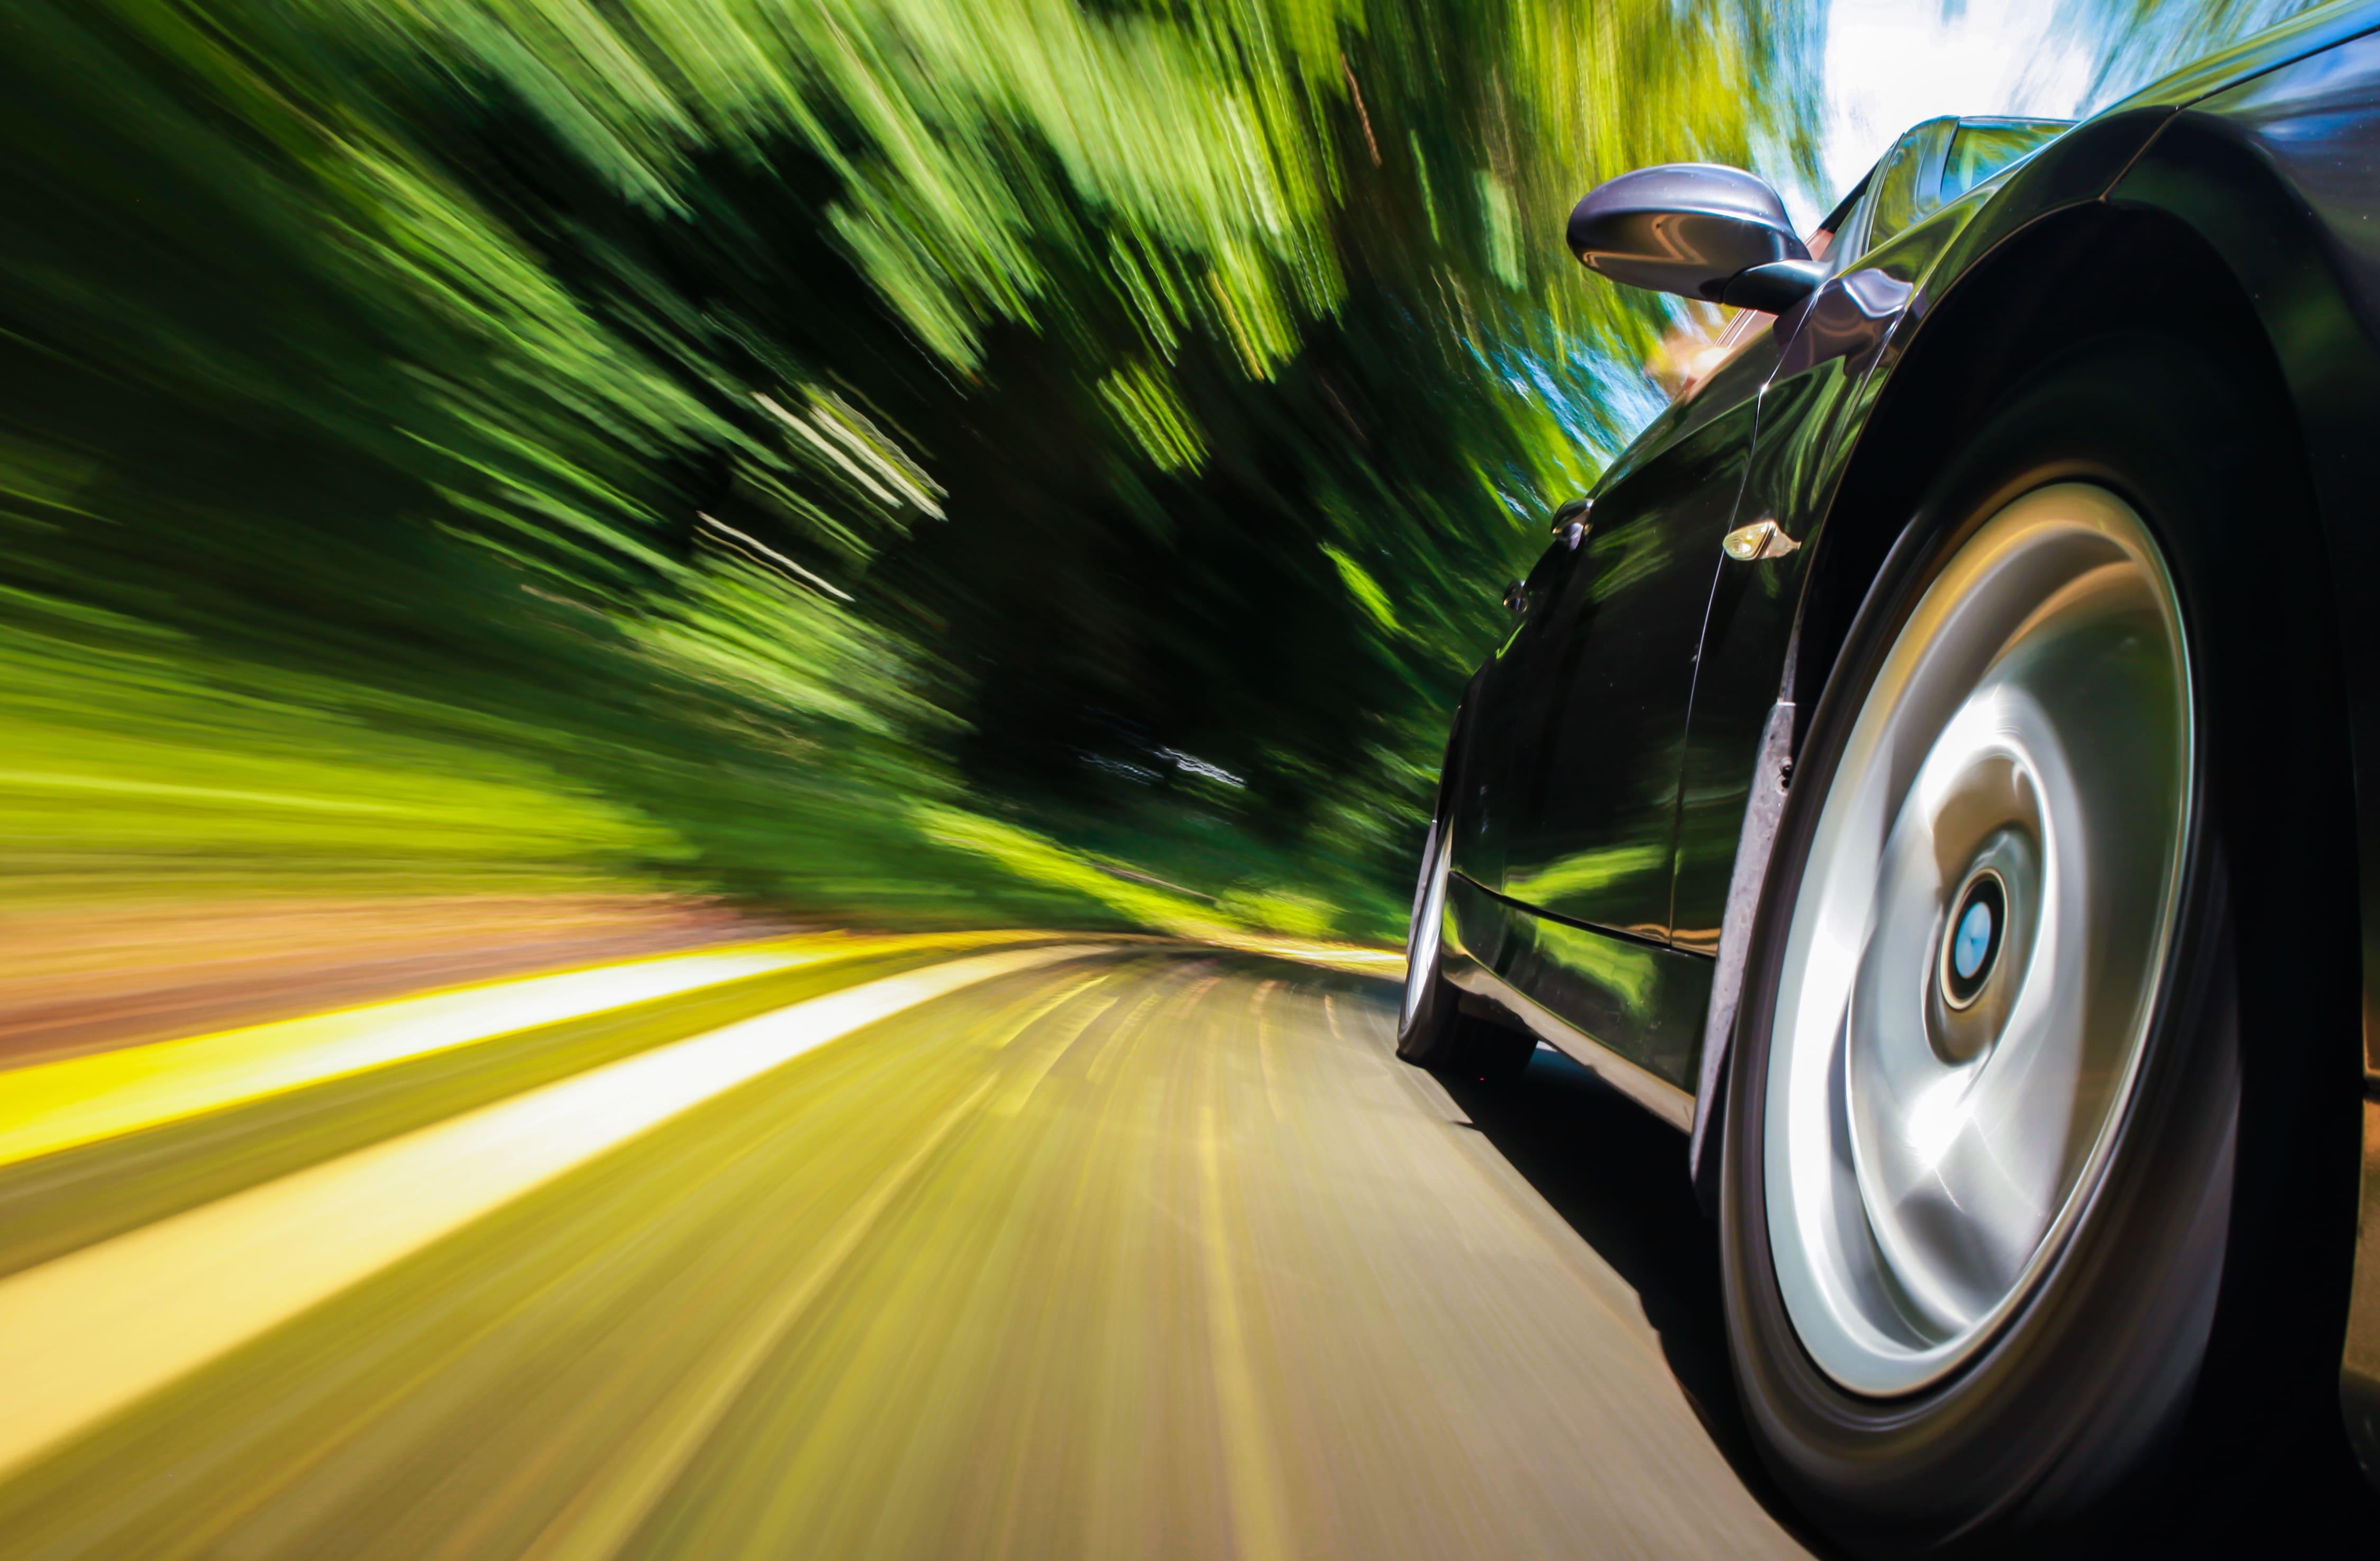 「CR-Z」の中古車を自社ローンで購入した方の車両価格相場と口コミ(体験談)